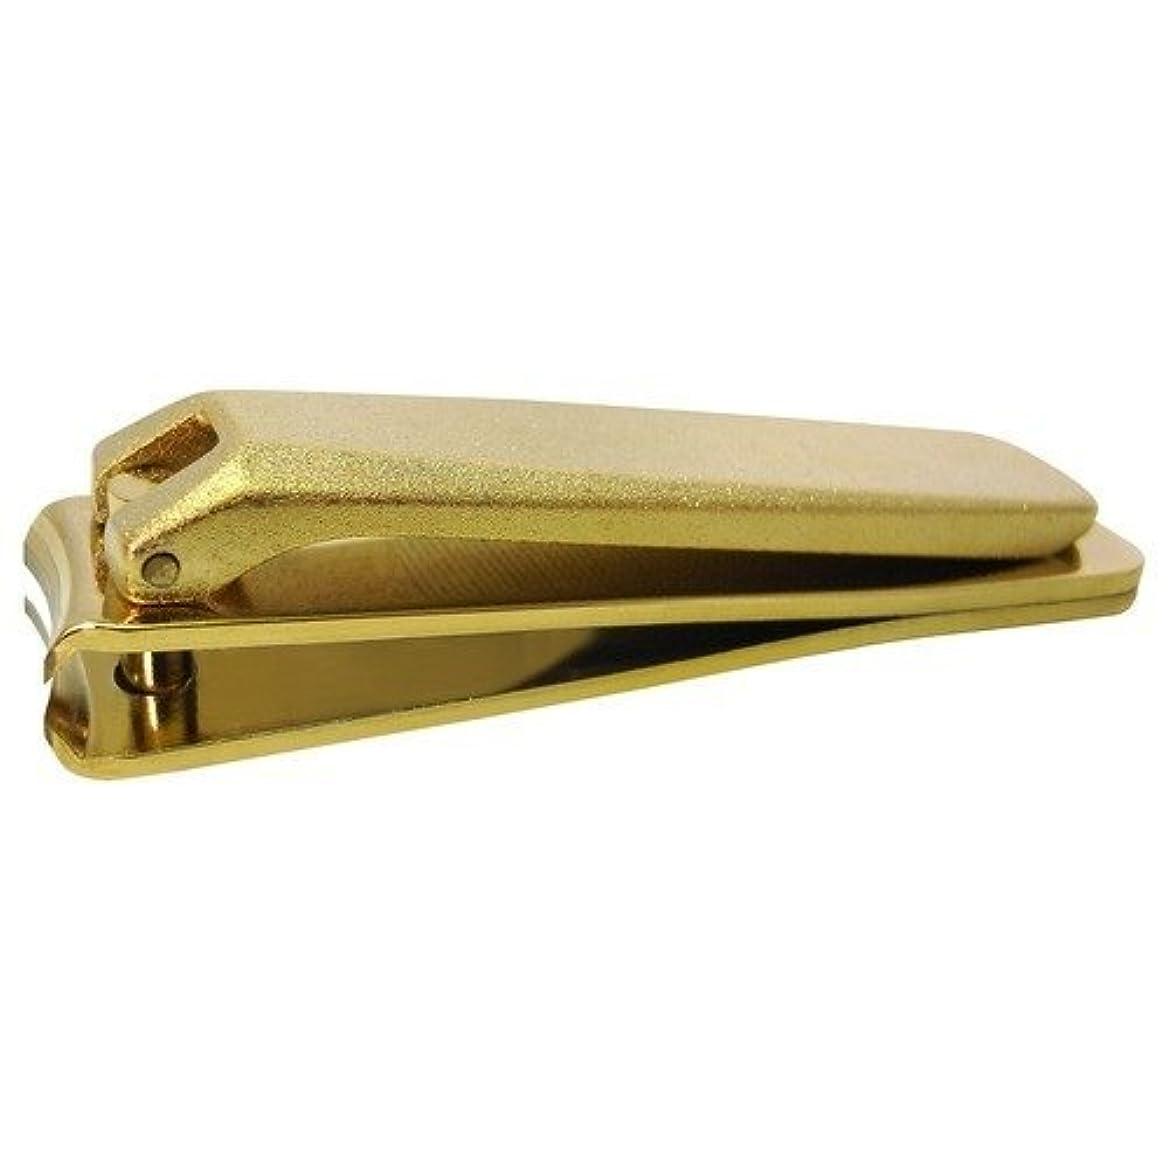 あらゆる種類の軽減断言するKD-029 関の刃物 ゴールド爪切 大 カバー無